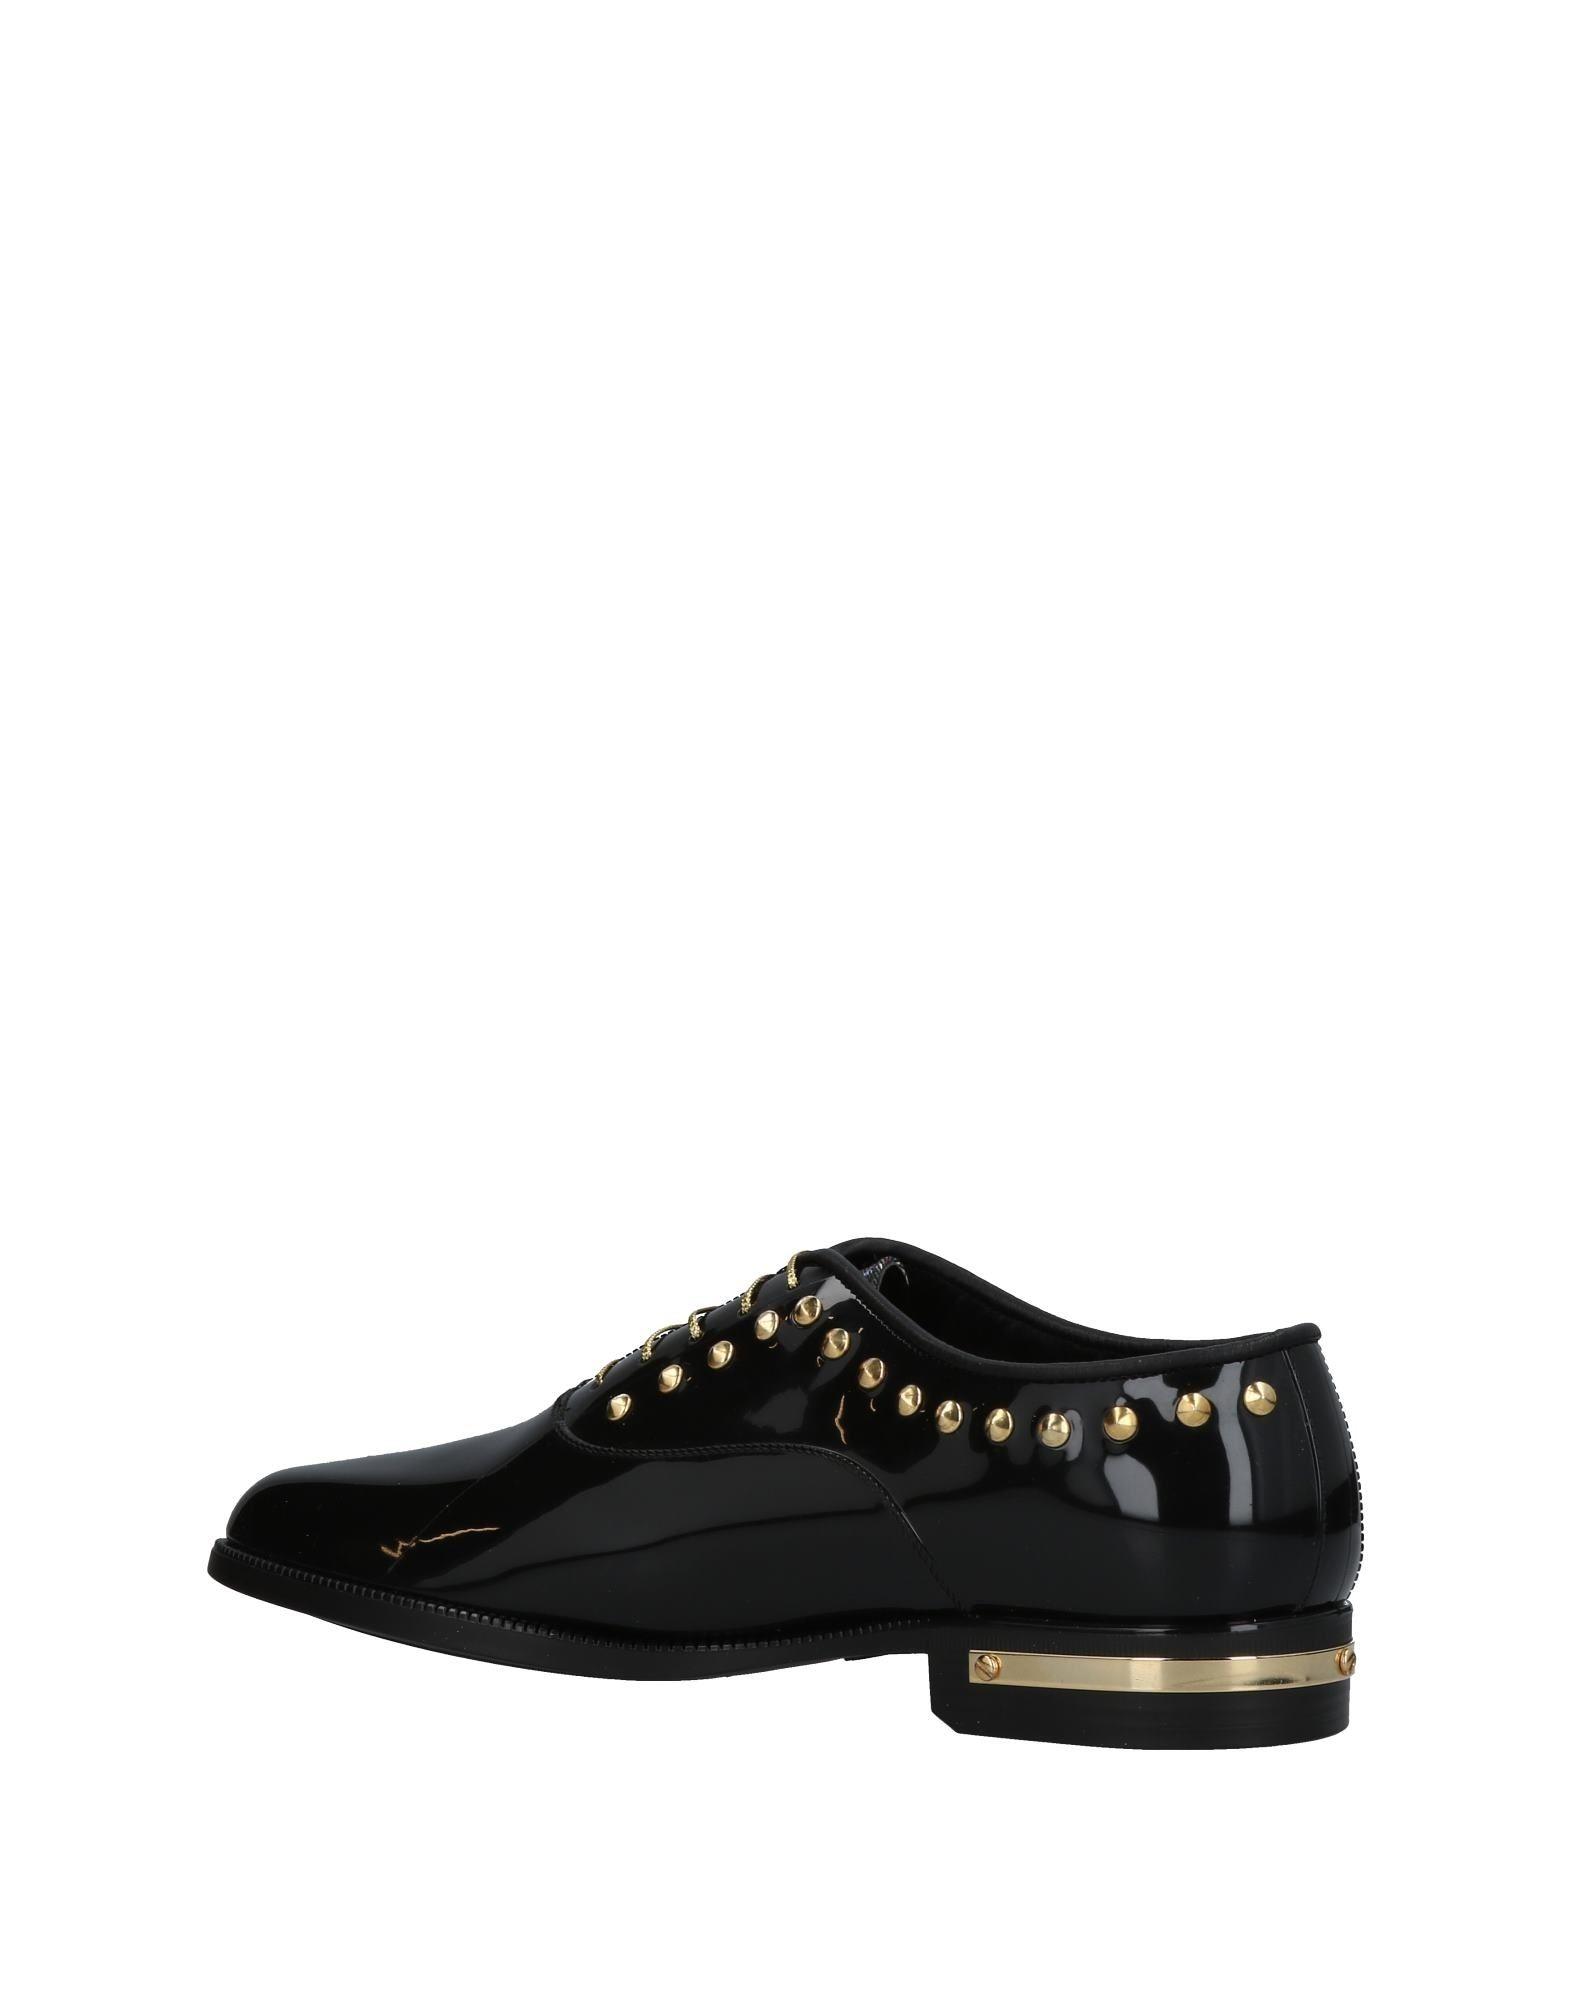 Chaussures À Lacets Lemon Jelly Femme - Chaussures À Lacets Lemon Jelly sur